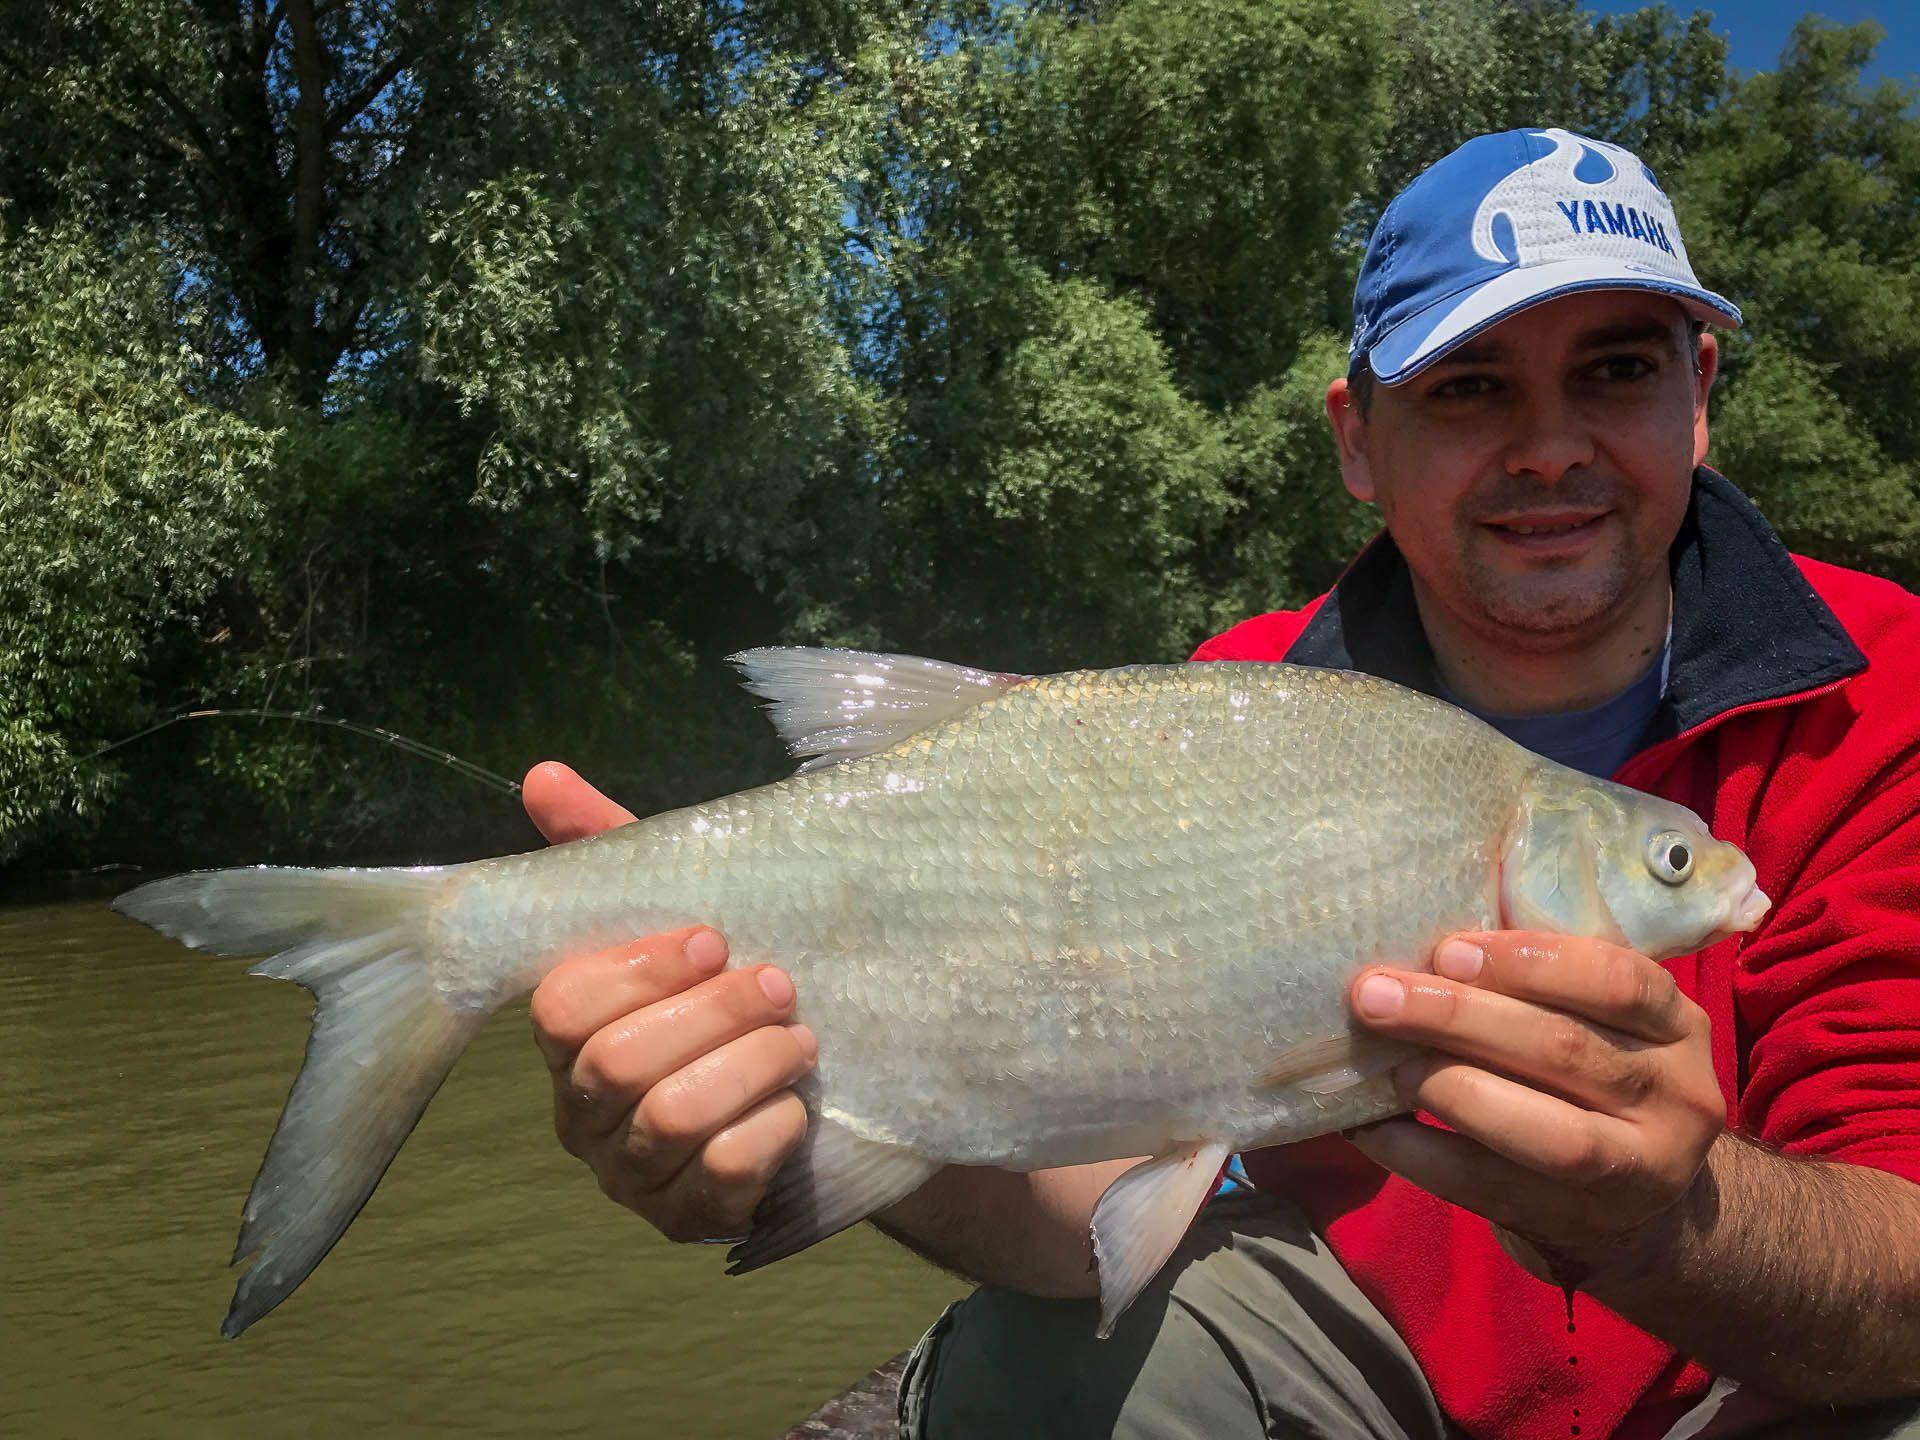 Barátom is jelezte, hogy jó hala van, mégpedig egy 1,35-ös dévér képében